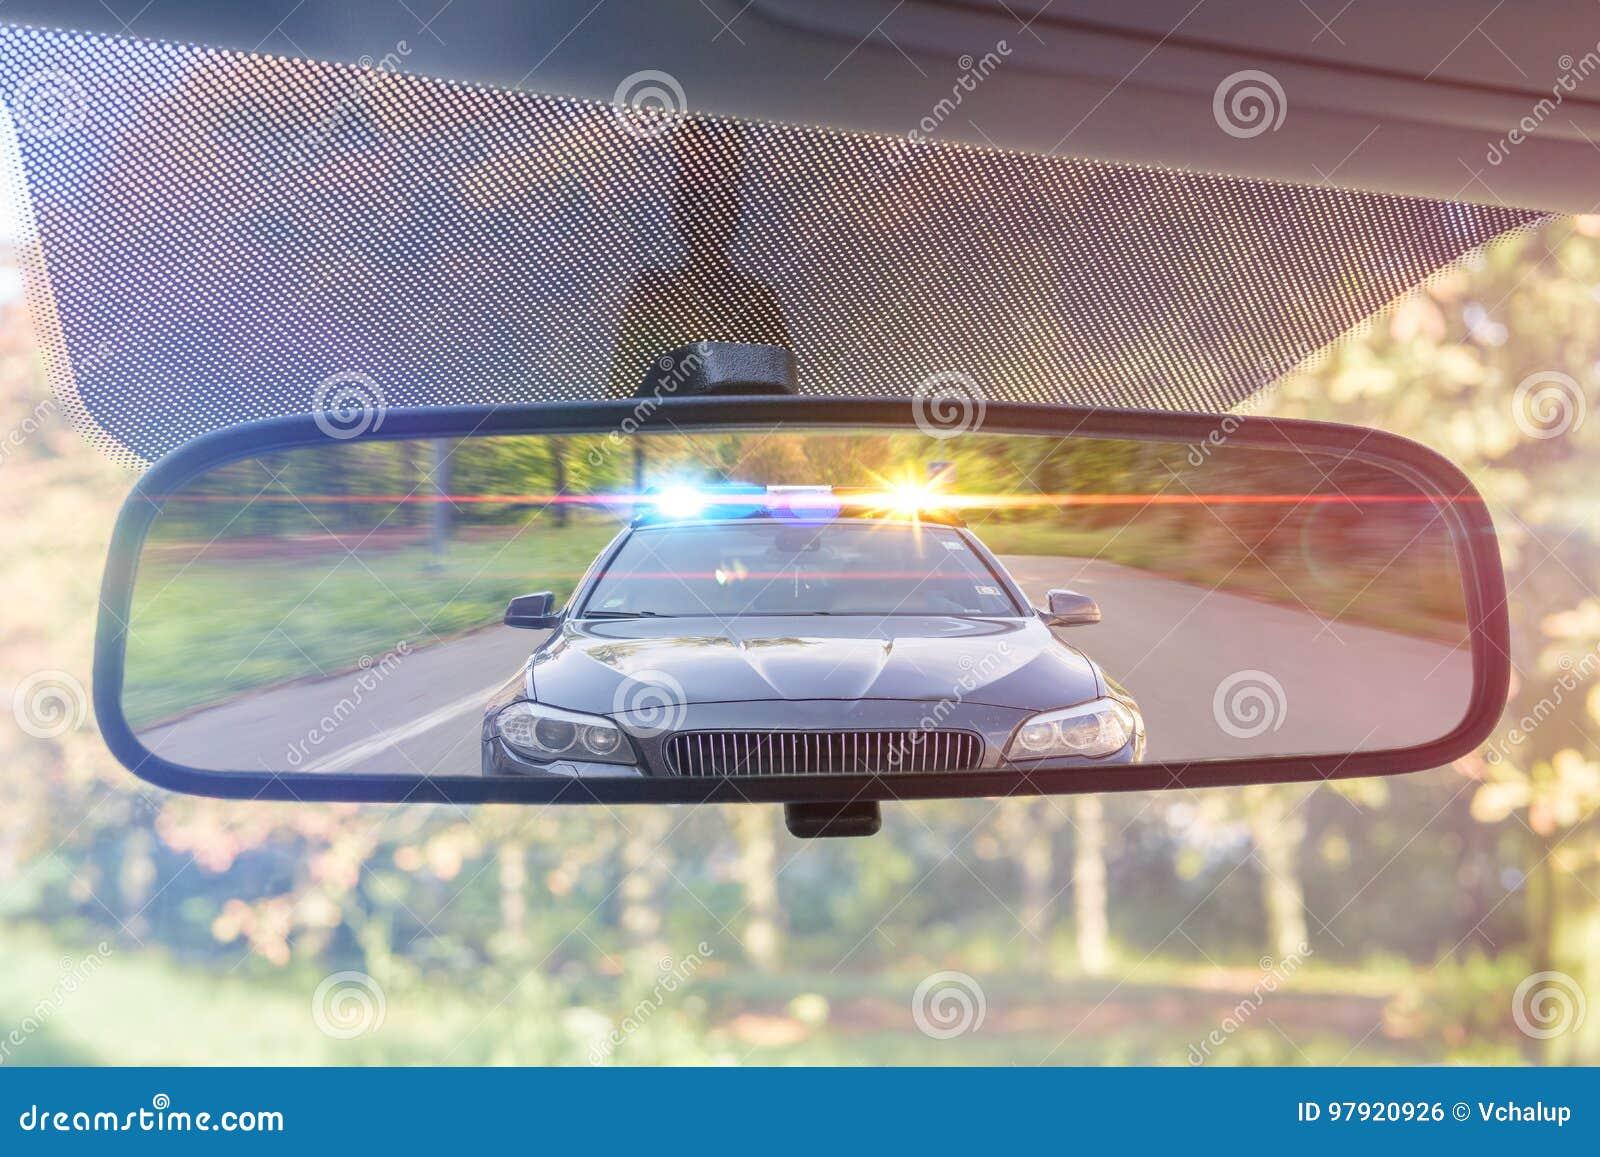 Opinión sobre el espejo posterior de un coche El coche policía con las luces y la sirena le está persiguiendo